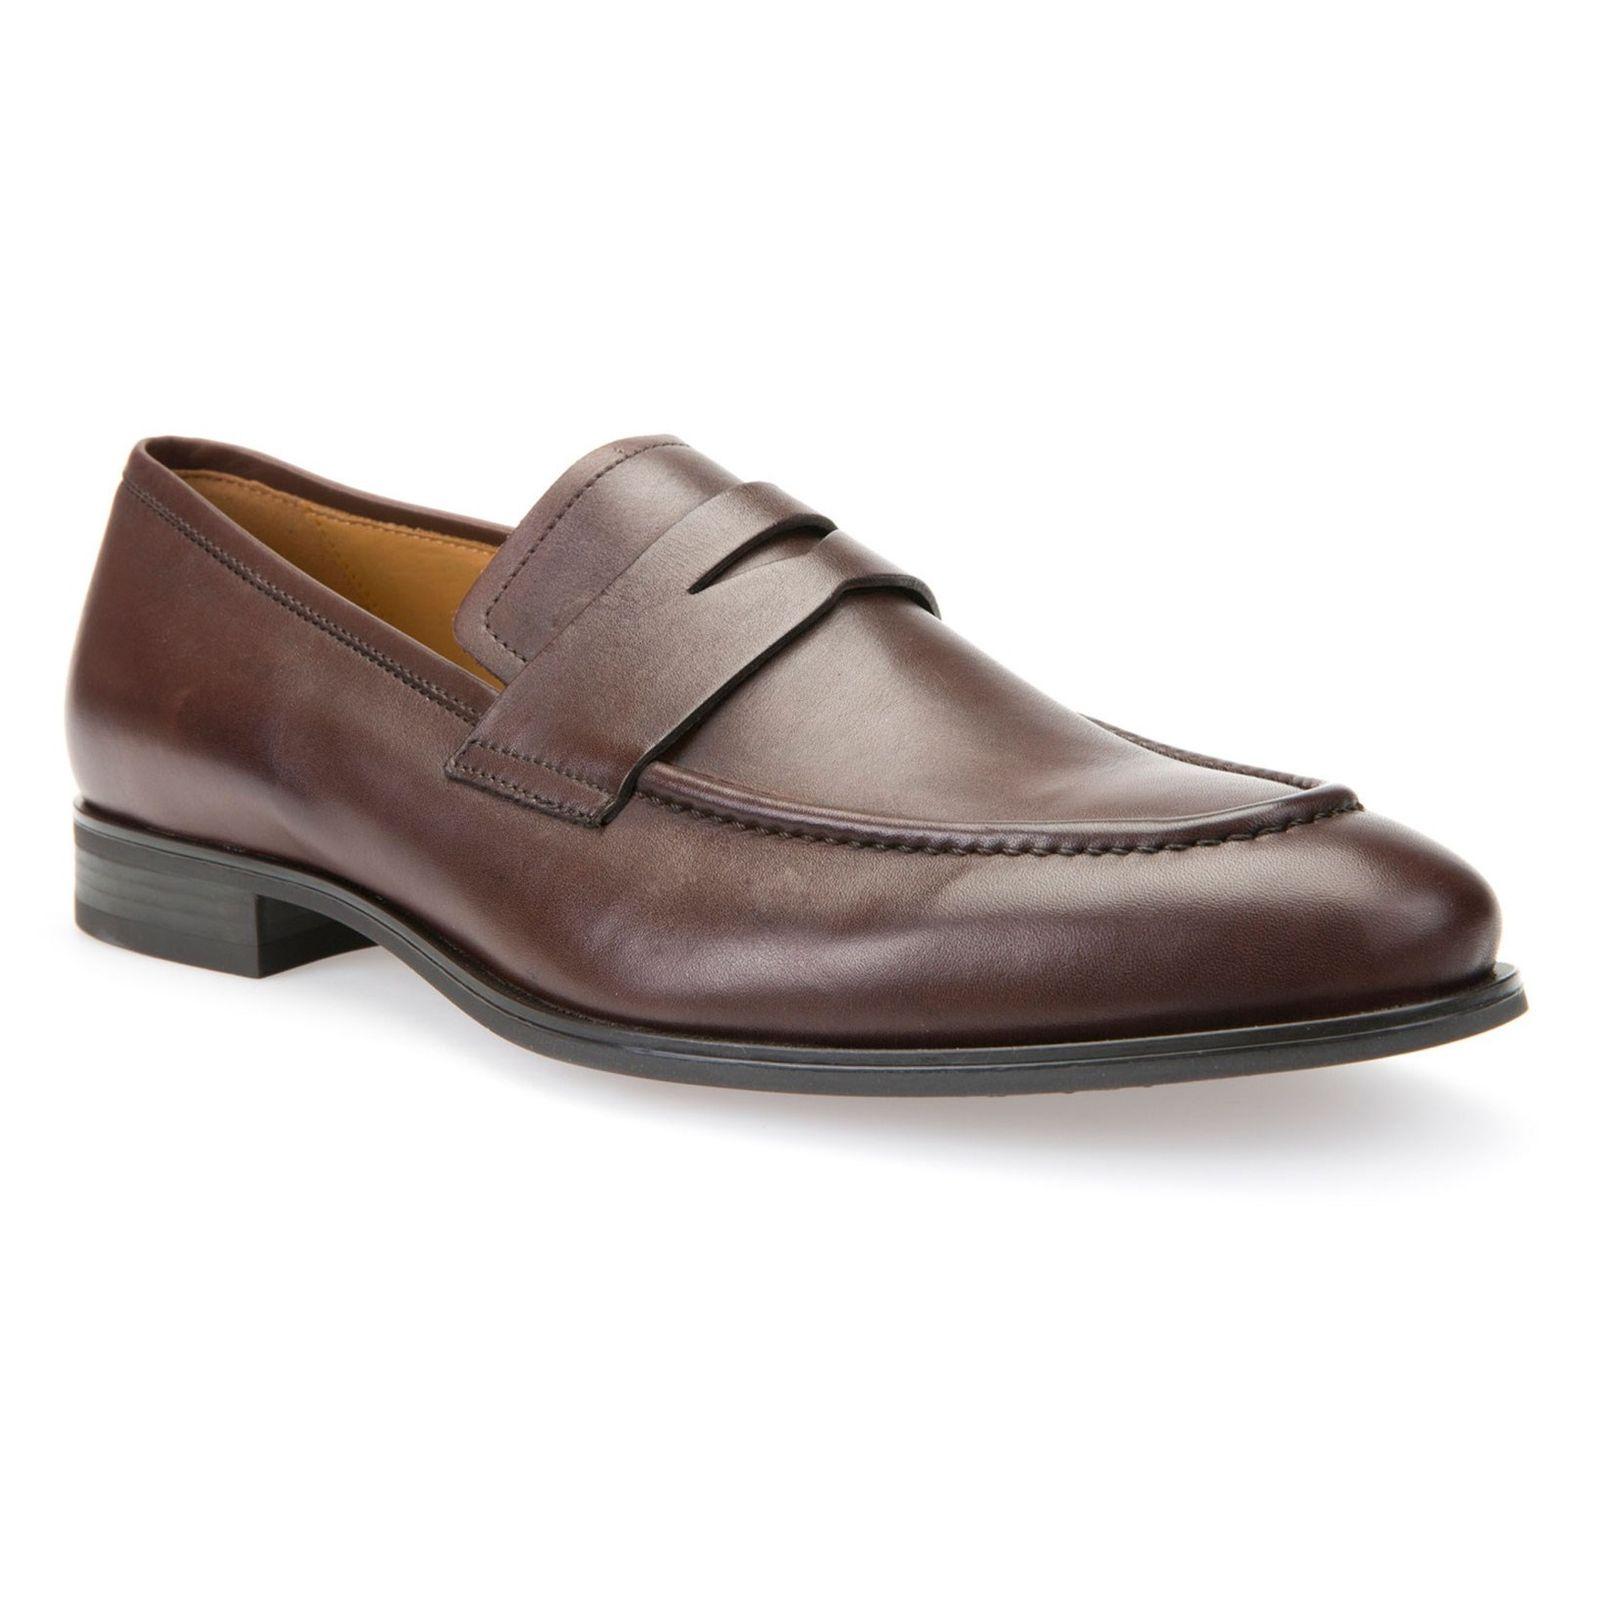 کفش رسمی چرم مردانه - جی اوکس - قهوه اي - 3